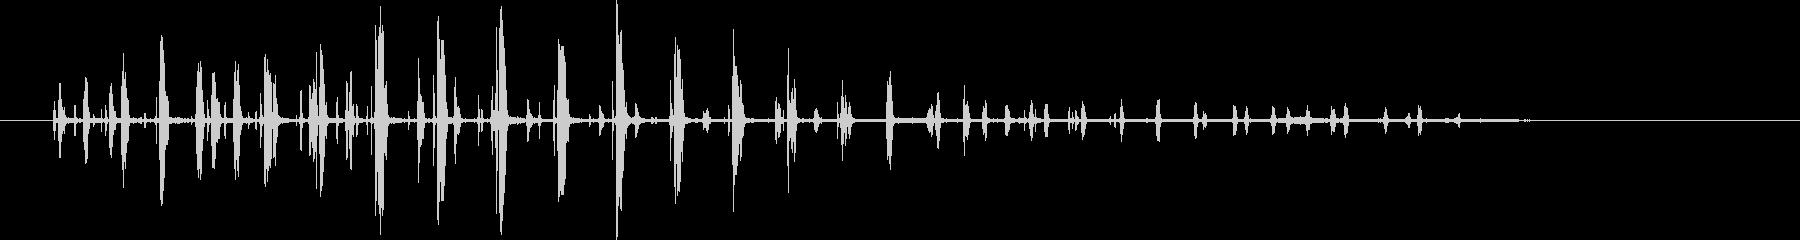 ペンギンの鳴き声。バックグラウンド...の未再生の波形